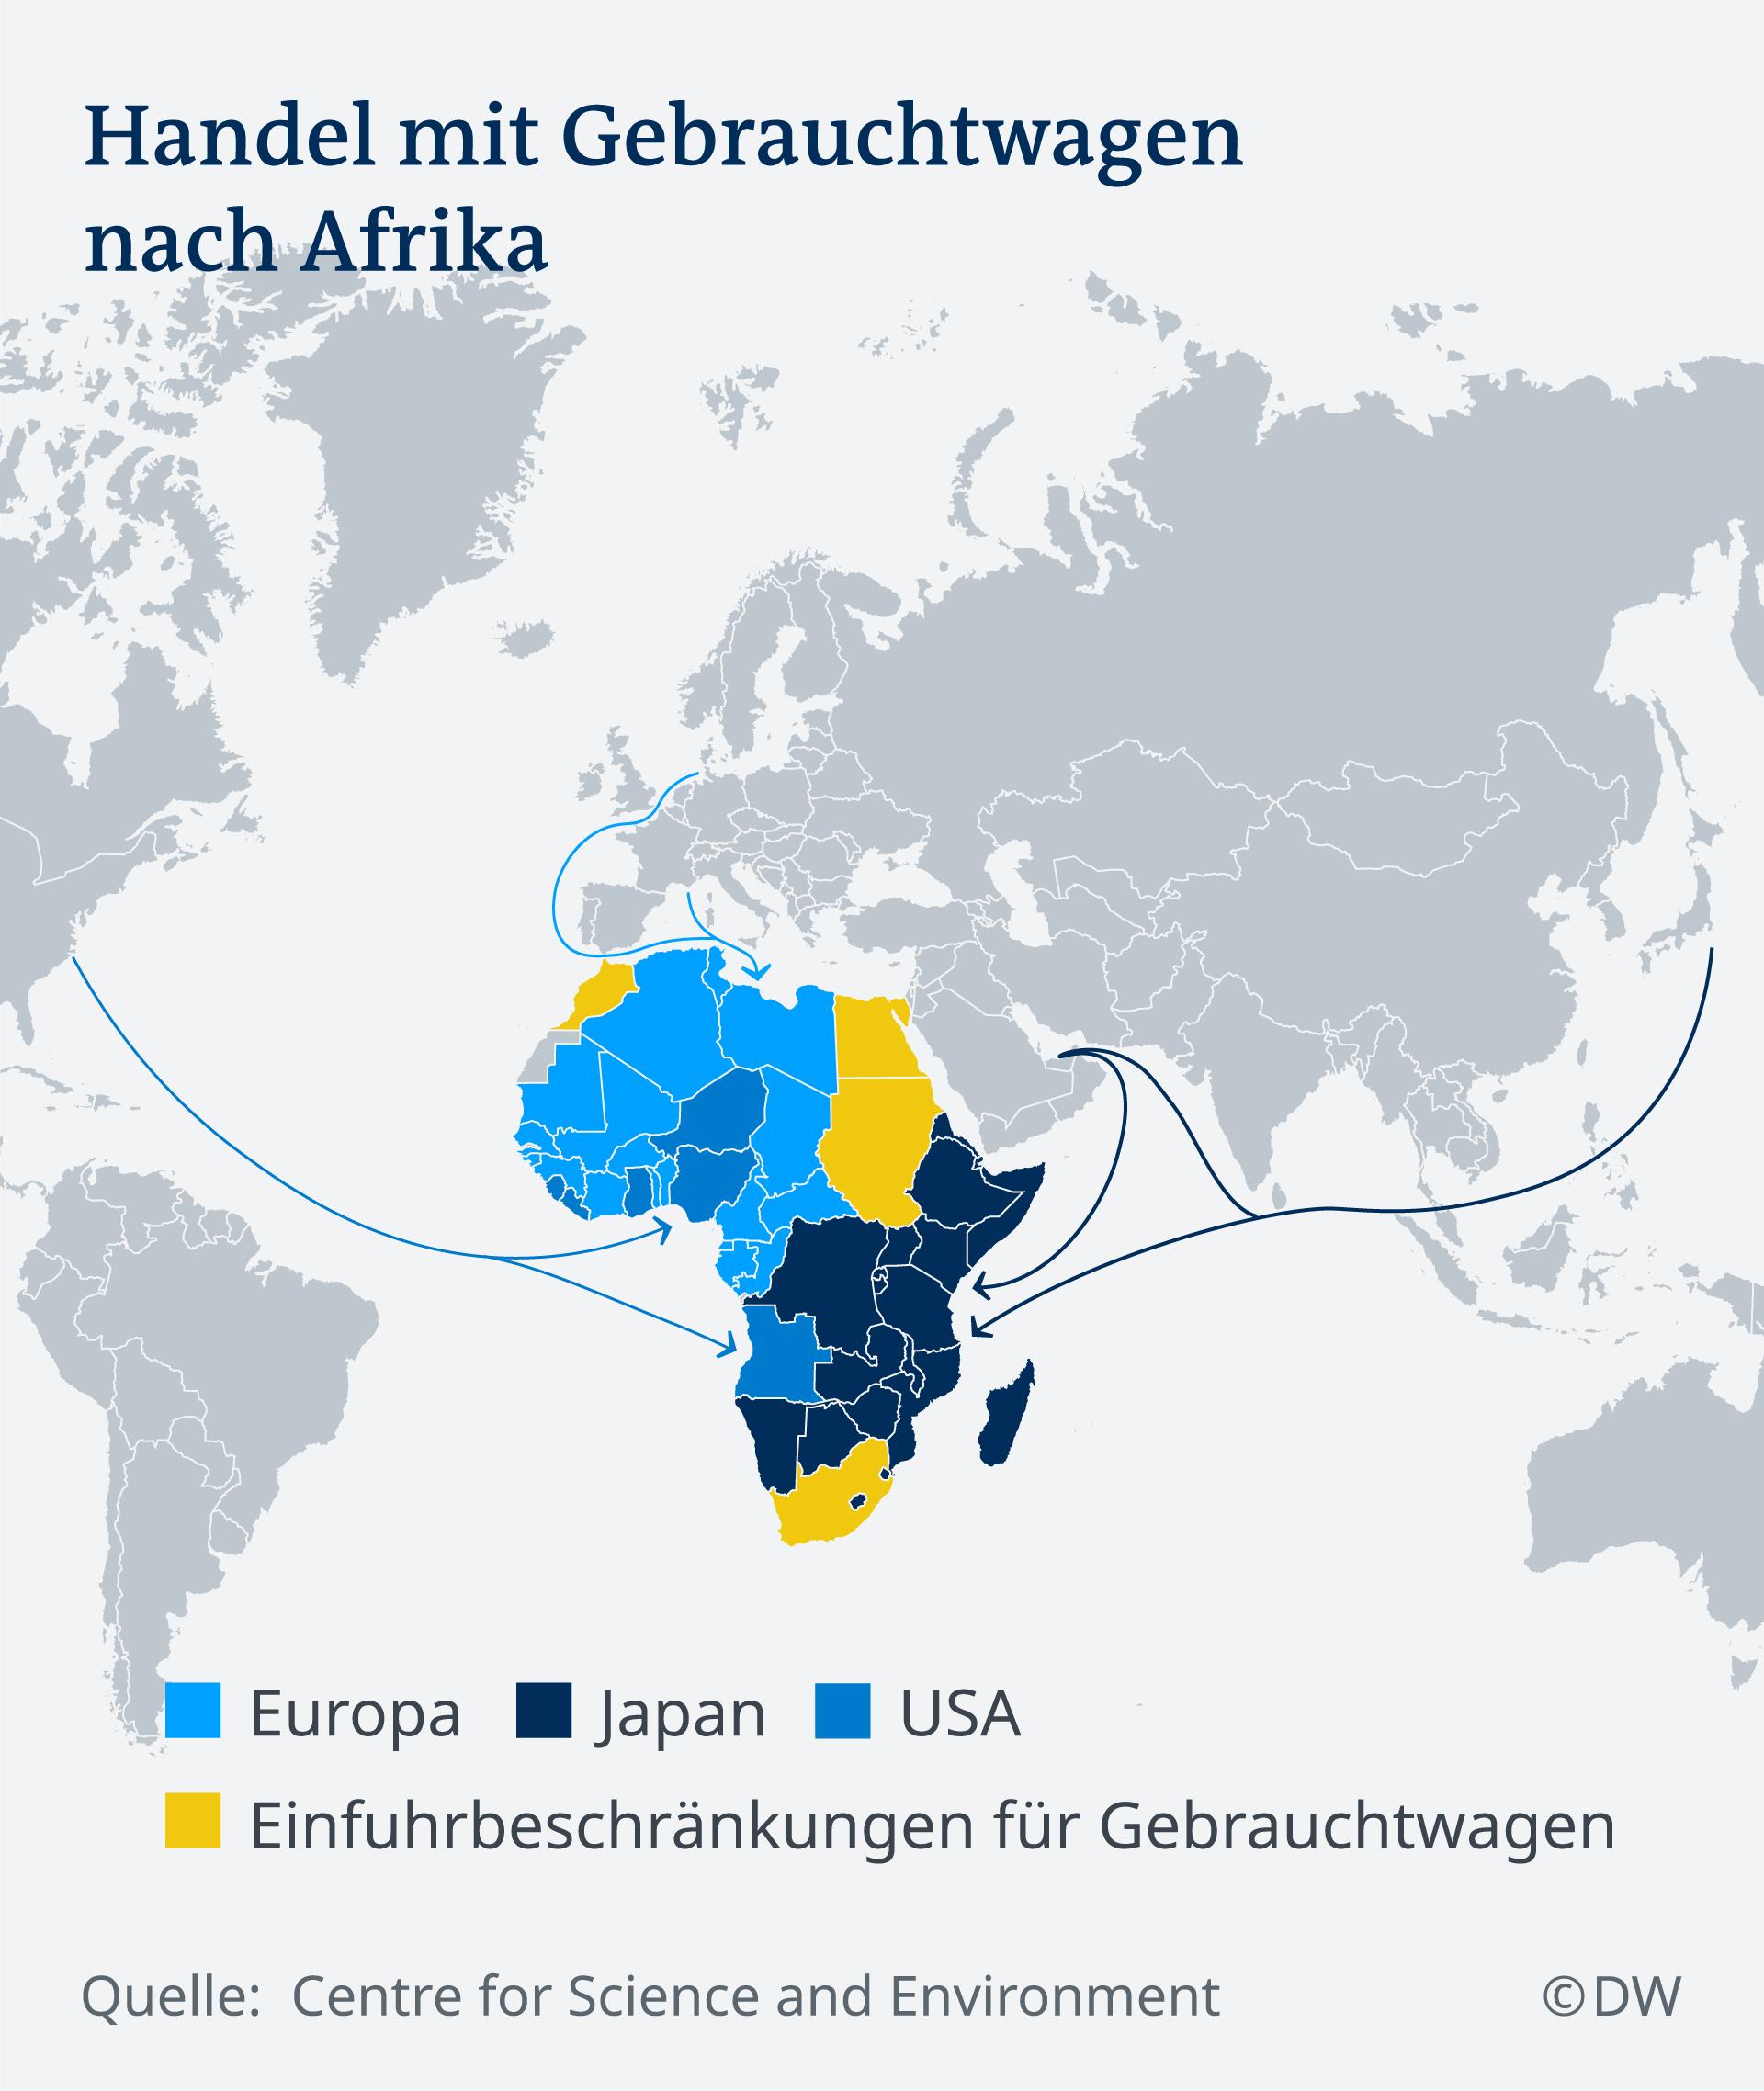 Infografik Handel mit Gebrauchtwagen nach Afrika DE